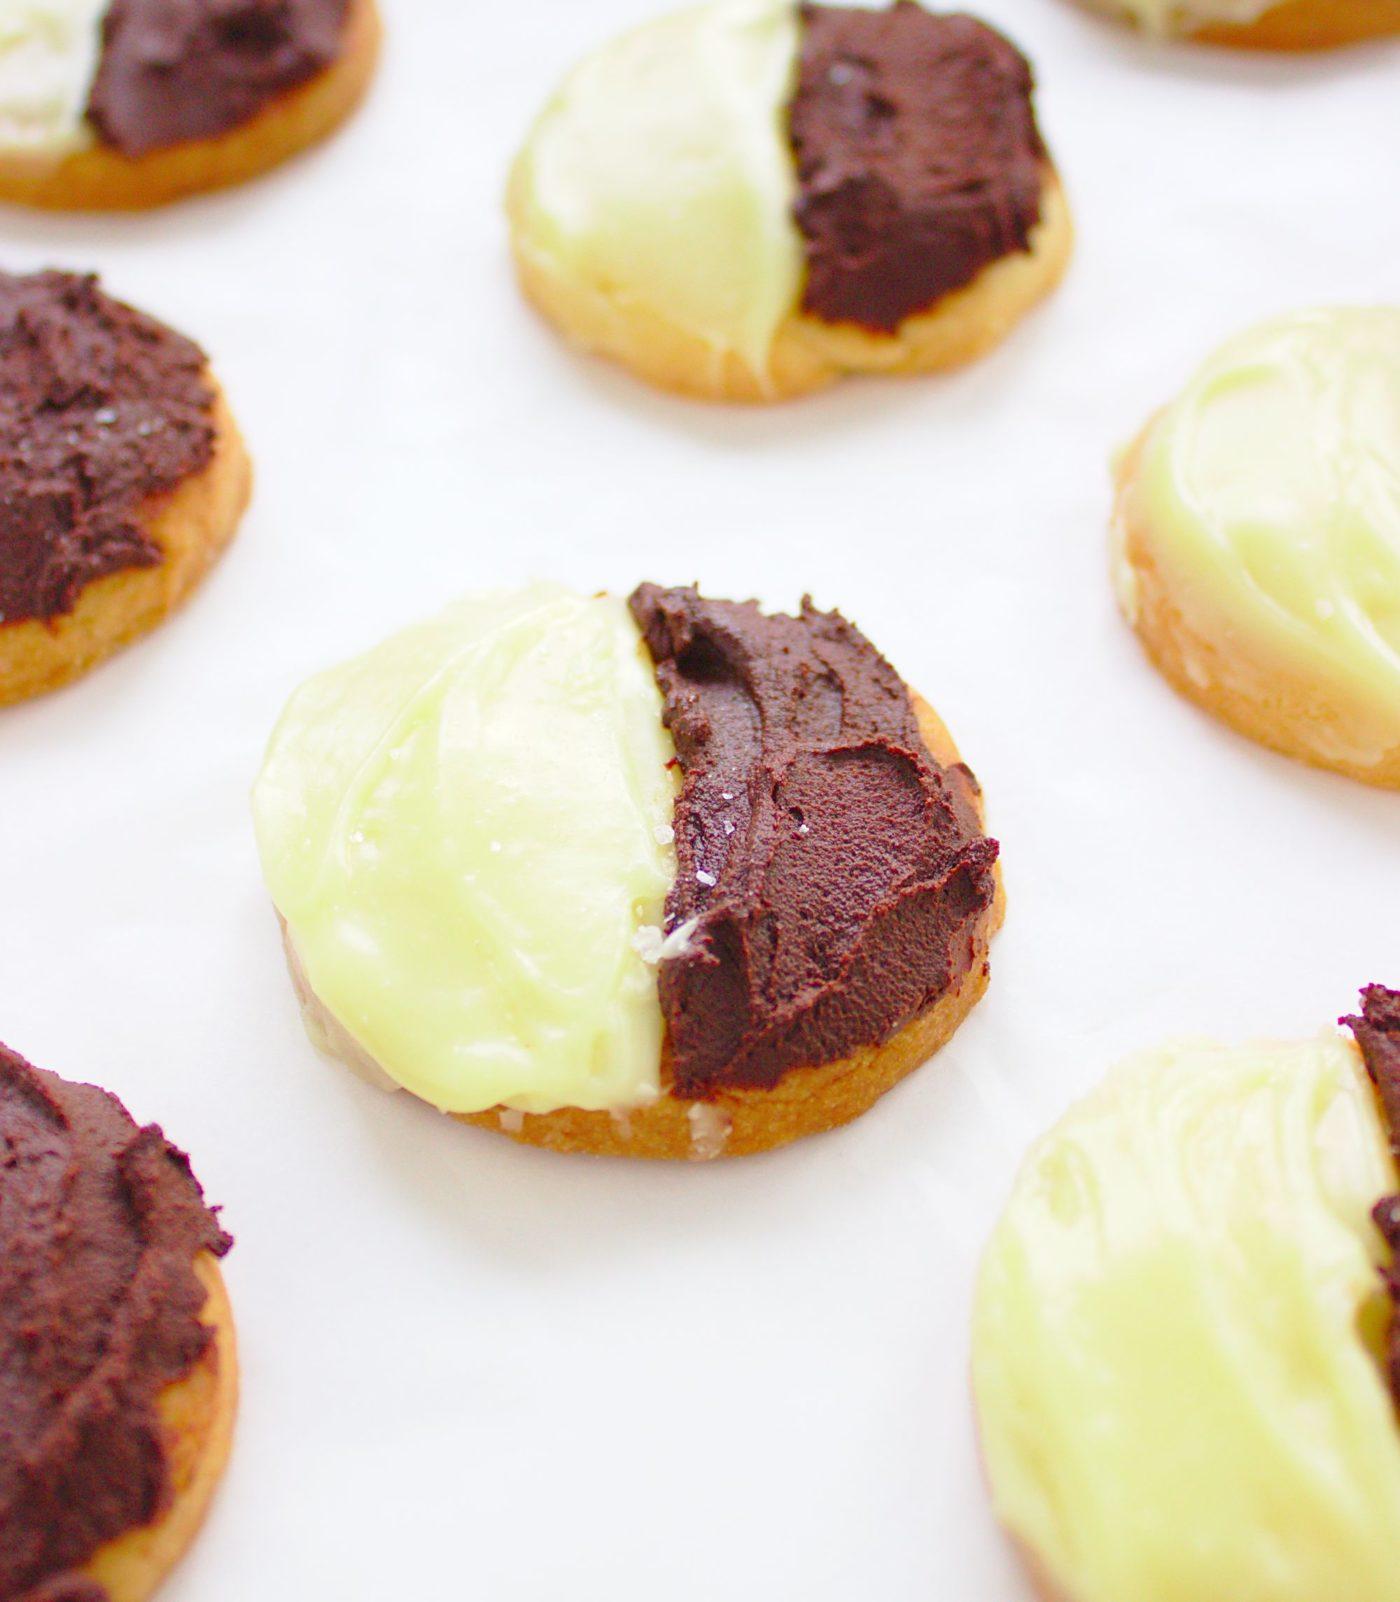 Kruche ciasteczka maślane z czekoladą mleczną i białą Black&White